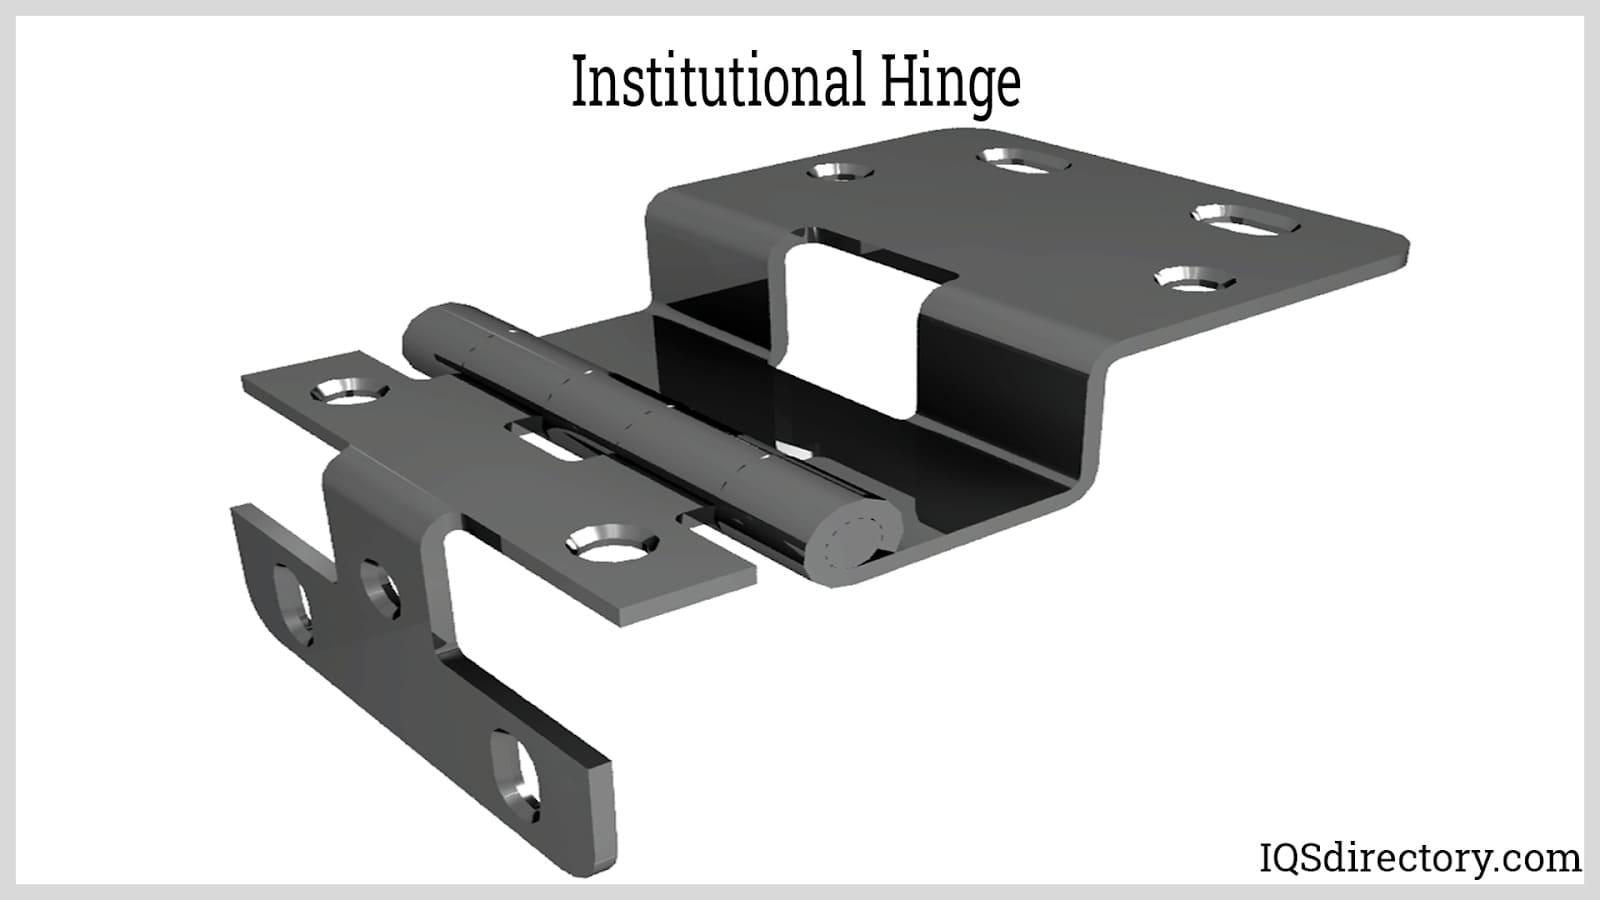 Institutional Hinge